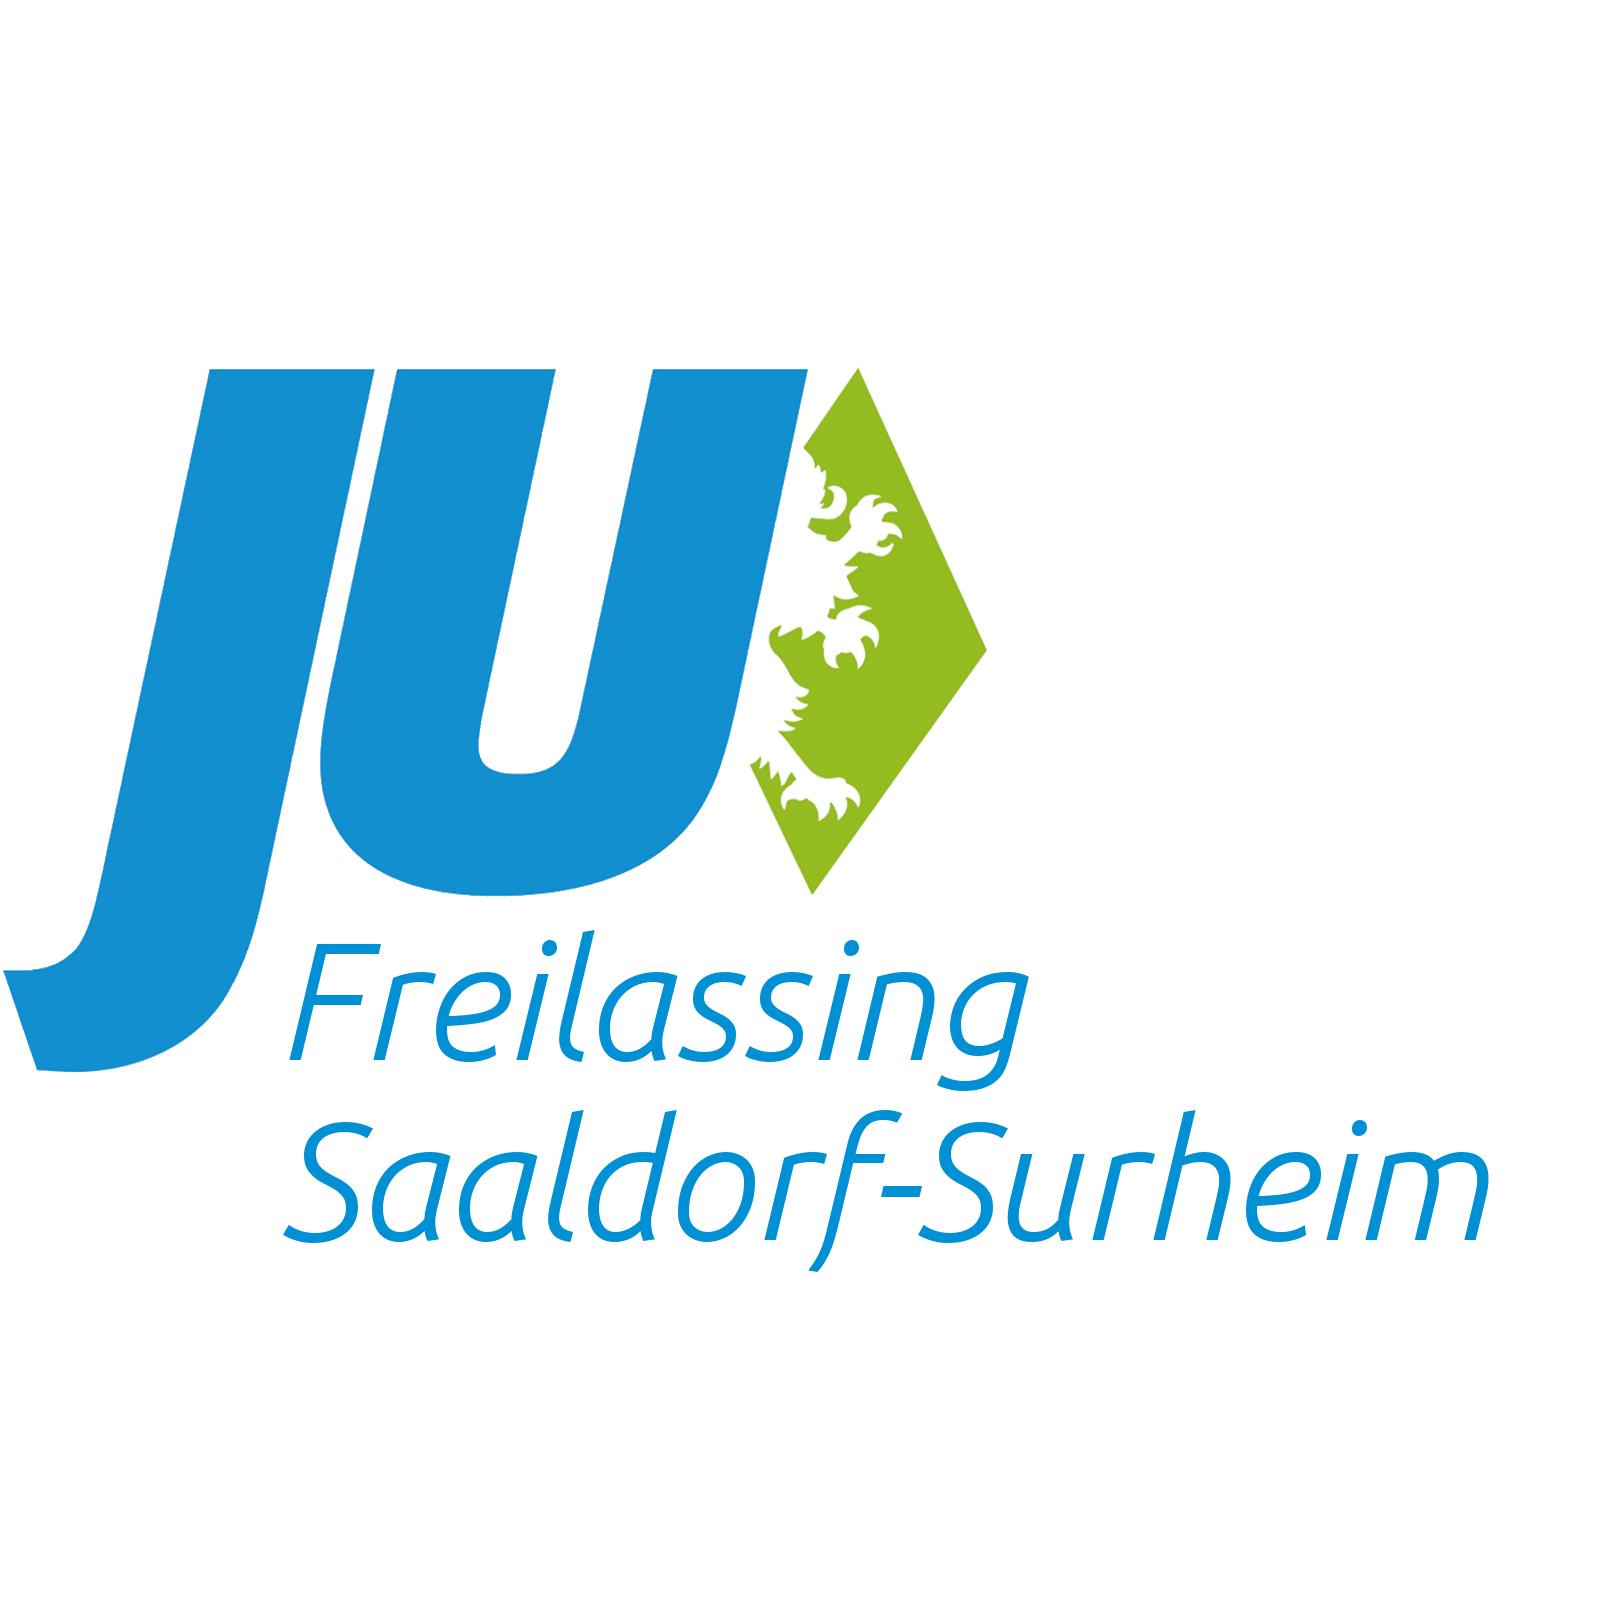 logoovfreilassingsaaldorf-surheimrechteckig.png